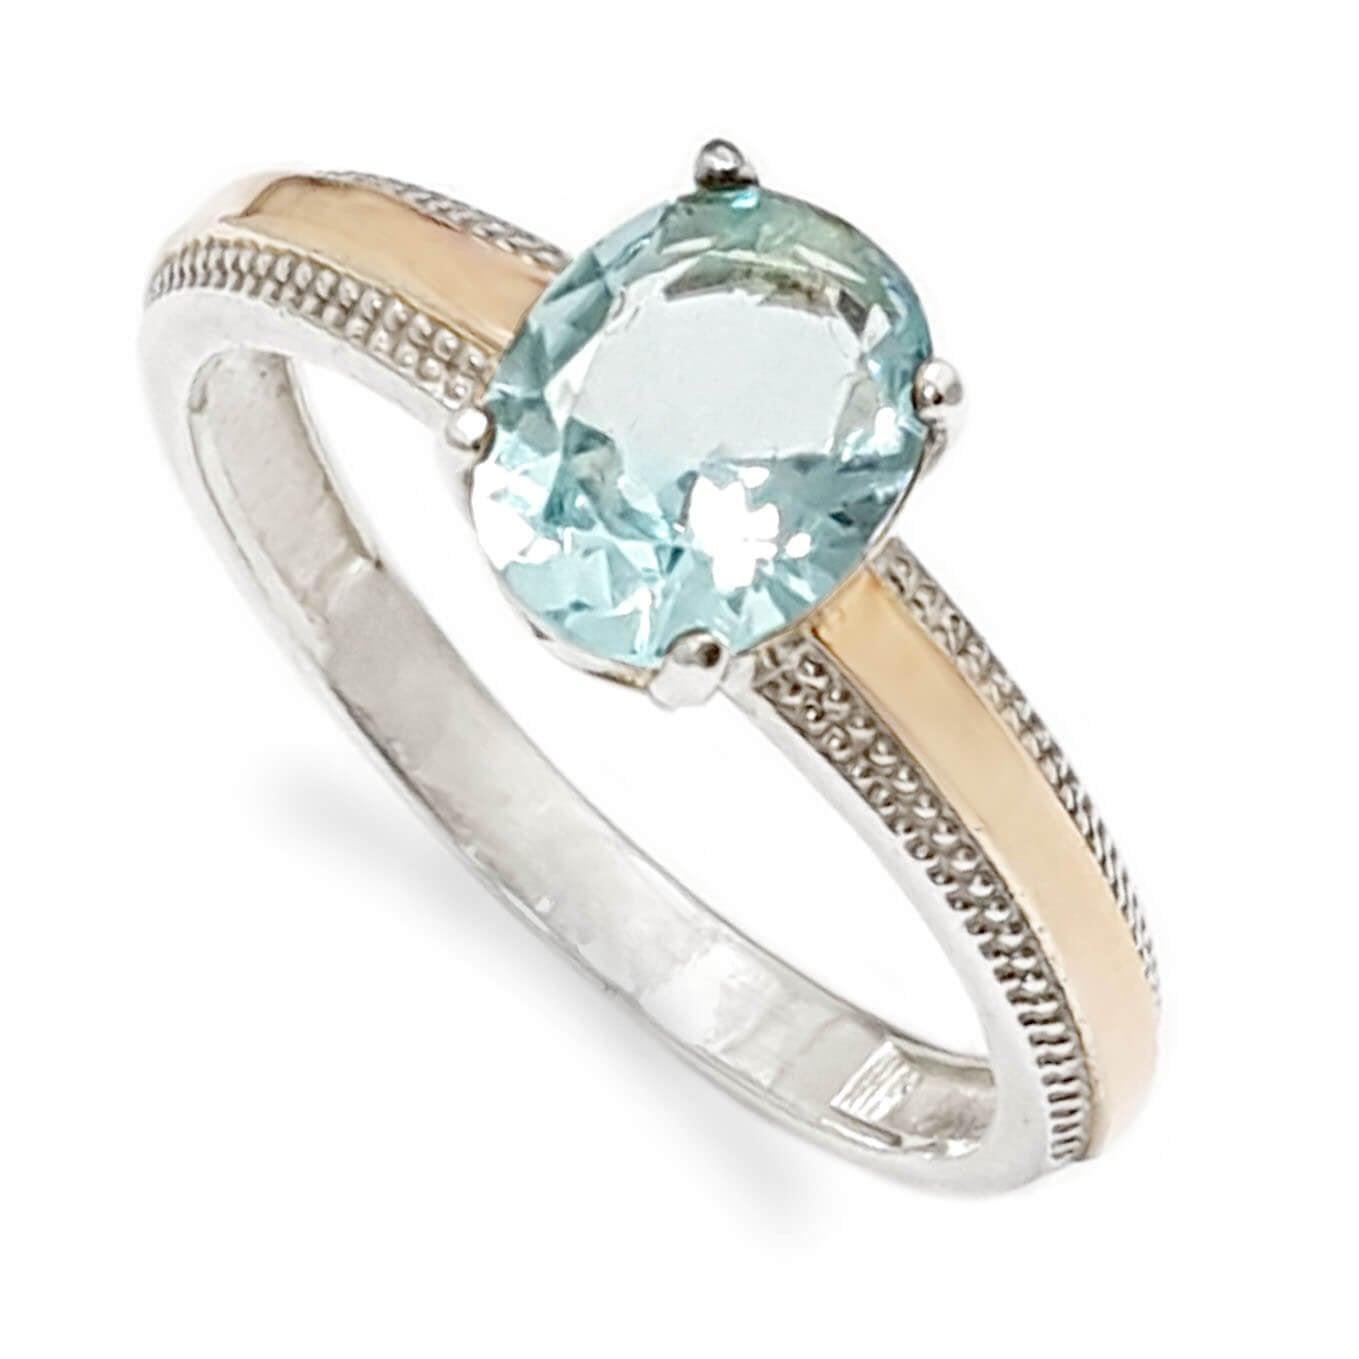 טבעת כסף מצופה זהב 9K משובצת אבן בלו טופז RG5958 | תכשיטי כסף | טבעות כסף